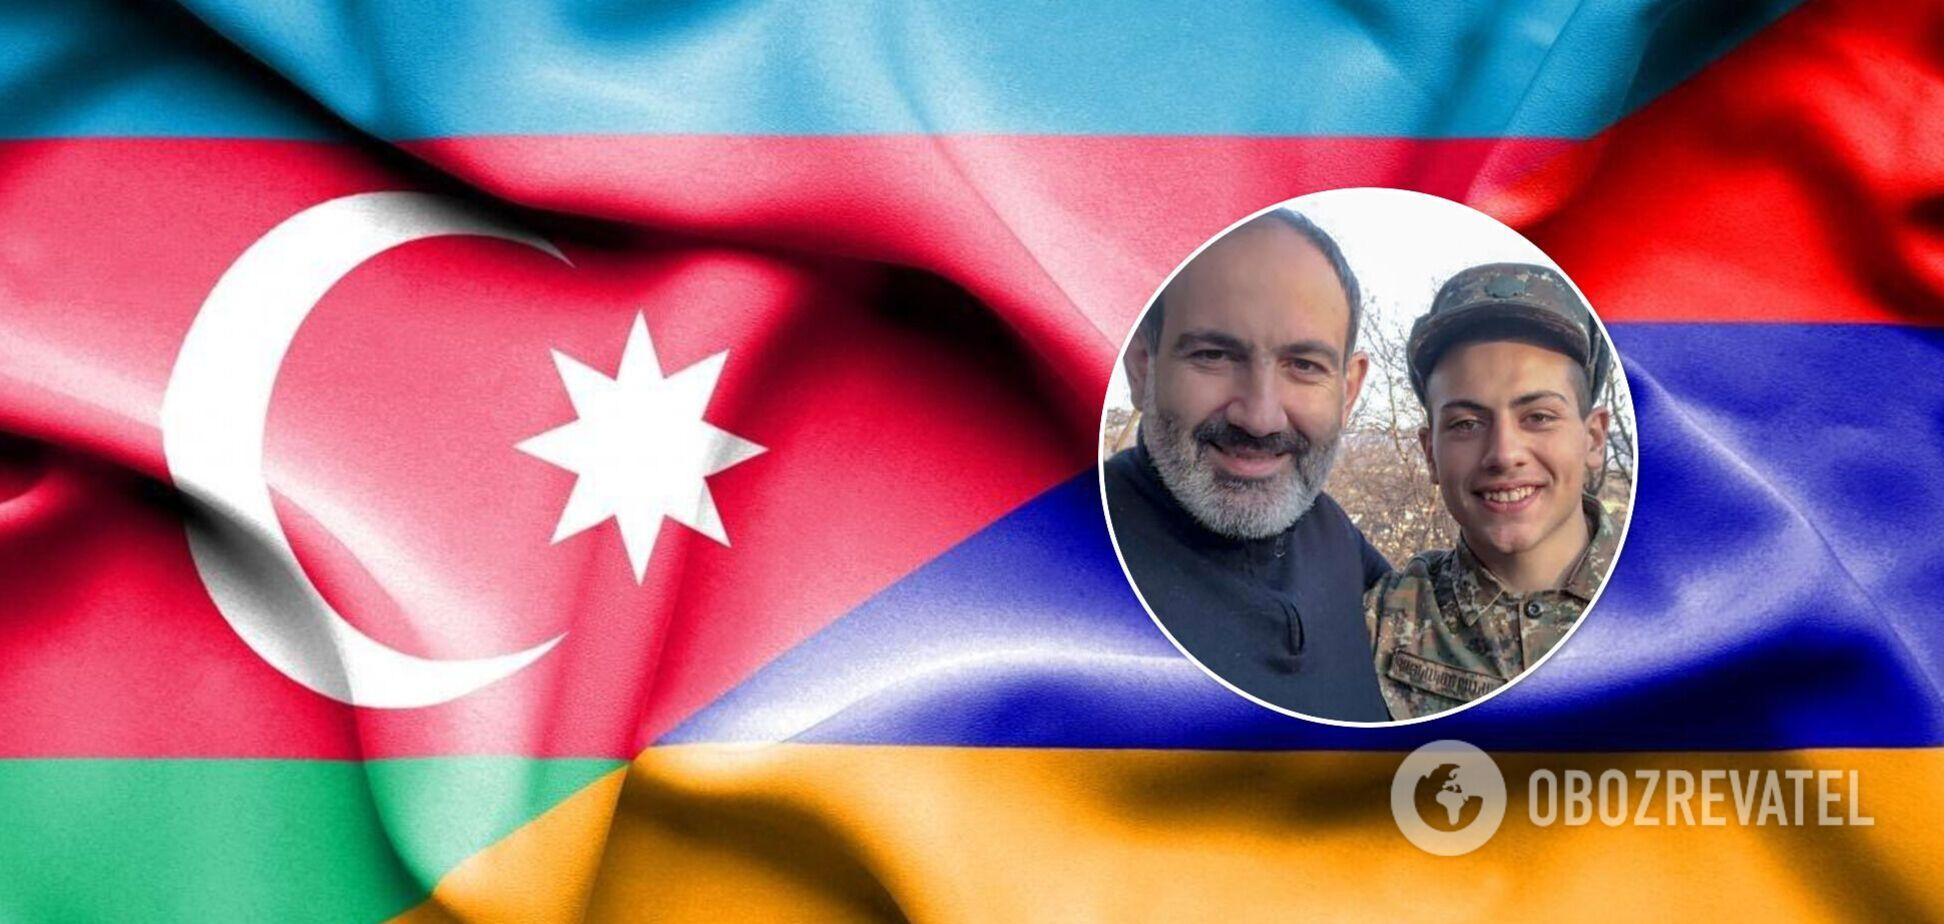 Нікол Пашинян і його син Ашот